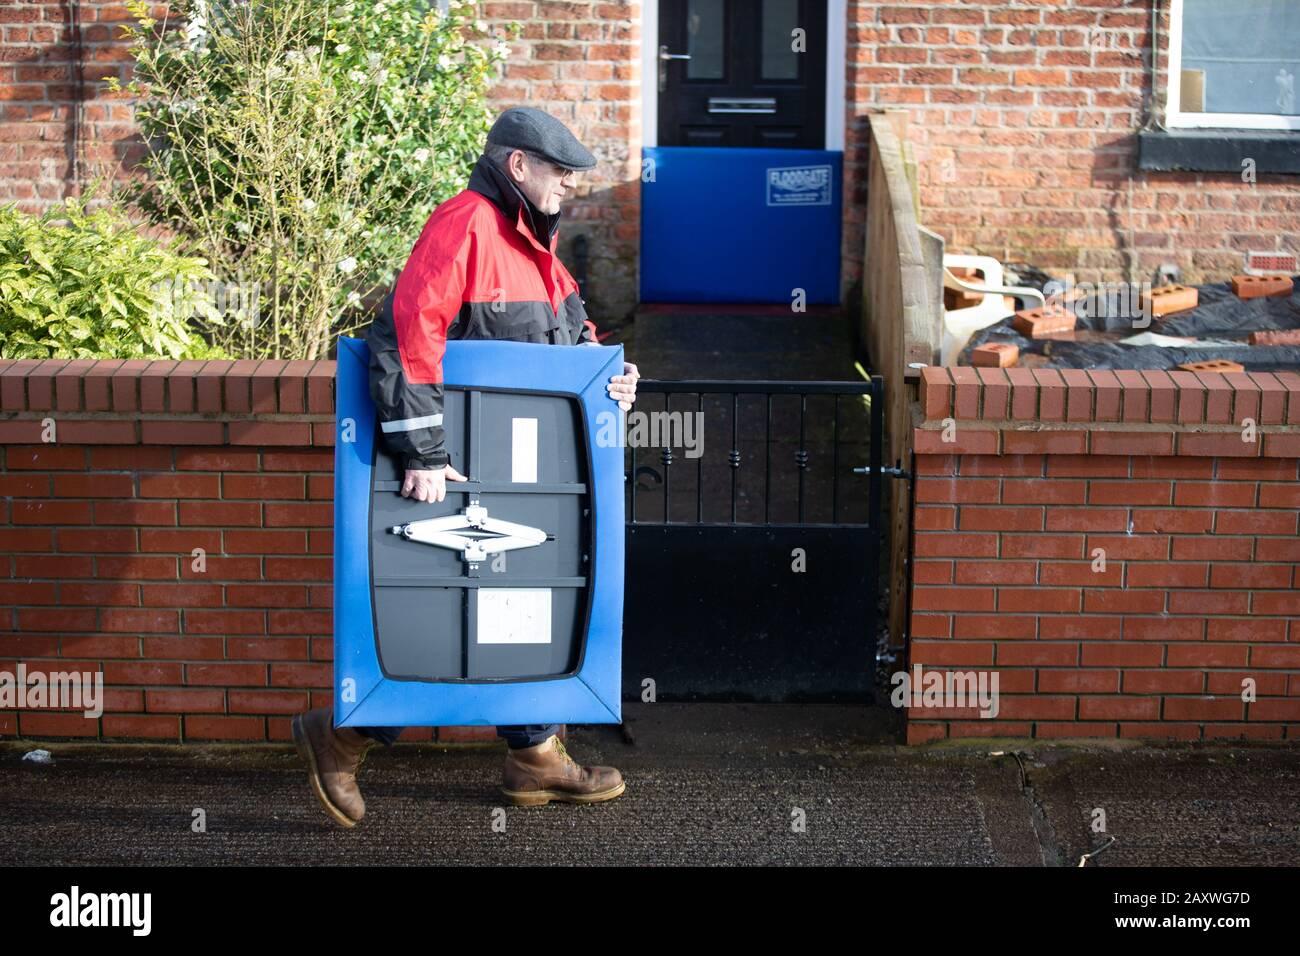 Bury, Reino Unido. 09 DE FEBRERO DE 2020. Una persona toma un dispositivo de prevención de inundaciones para detener la entrada de agua en su casa durante la tormenta Ciara. La tormenta Ciara causó f Foto de stock